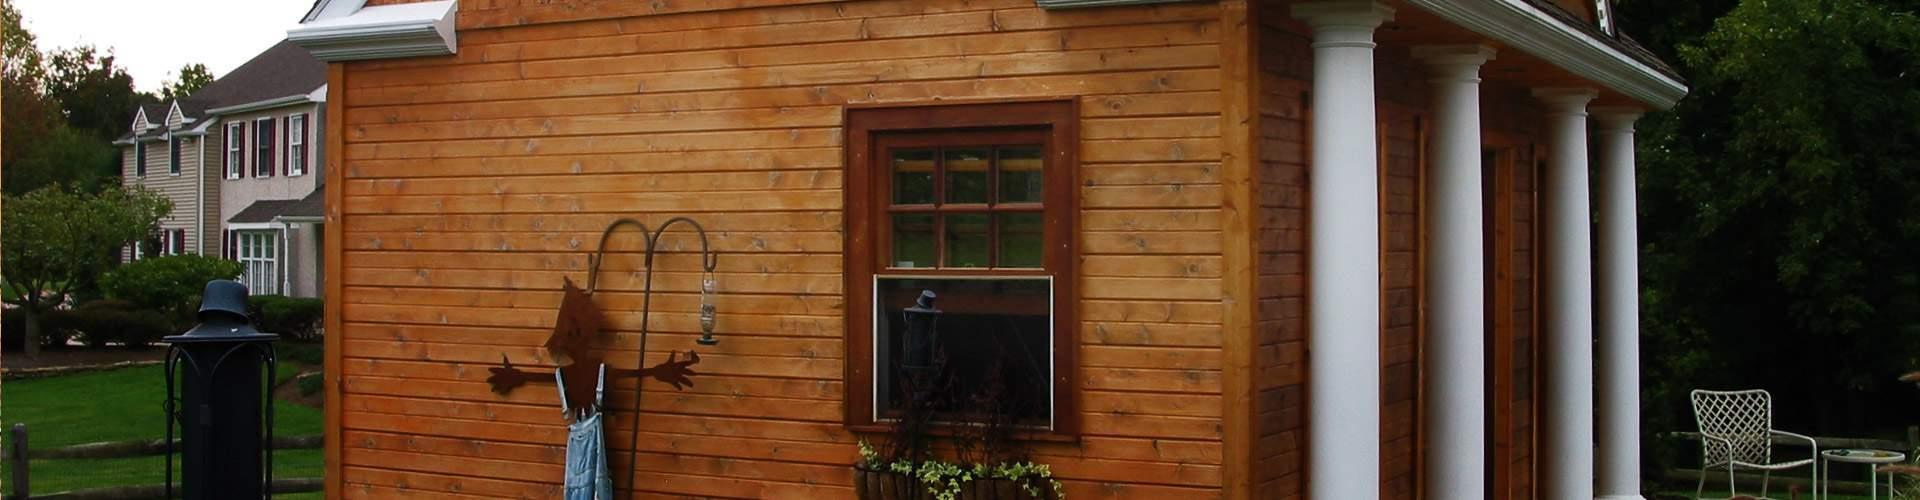 Windsor studio summerwood for Windsor garden studio